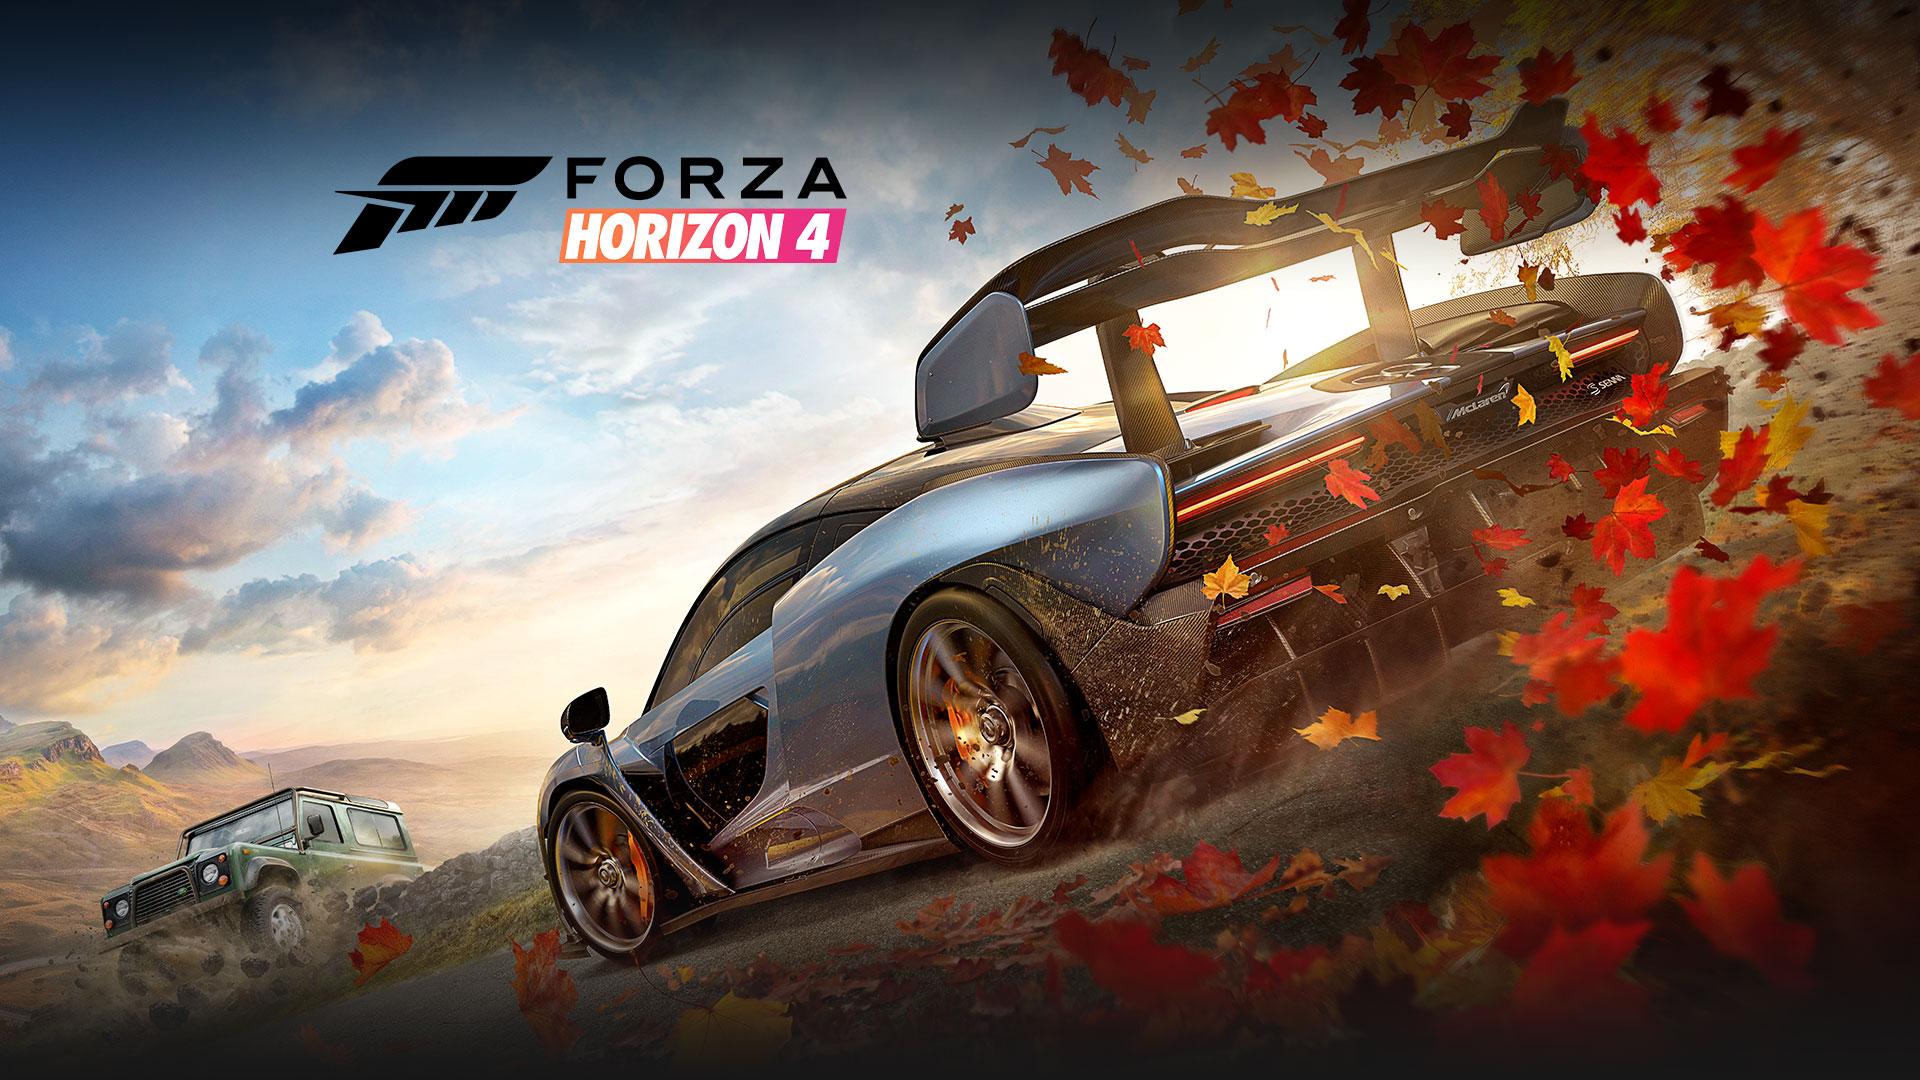 Forza Horizon 4、1 台の車の背後にある、葉っぱに覆われた 2 台の車